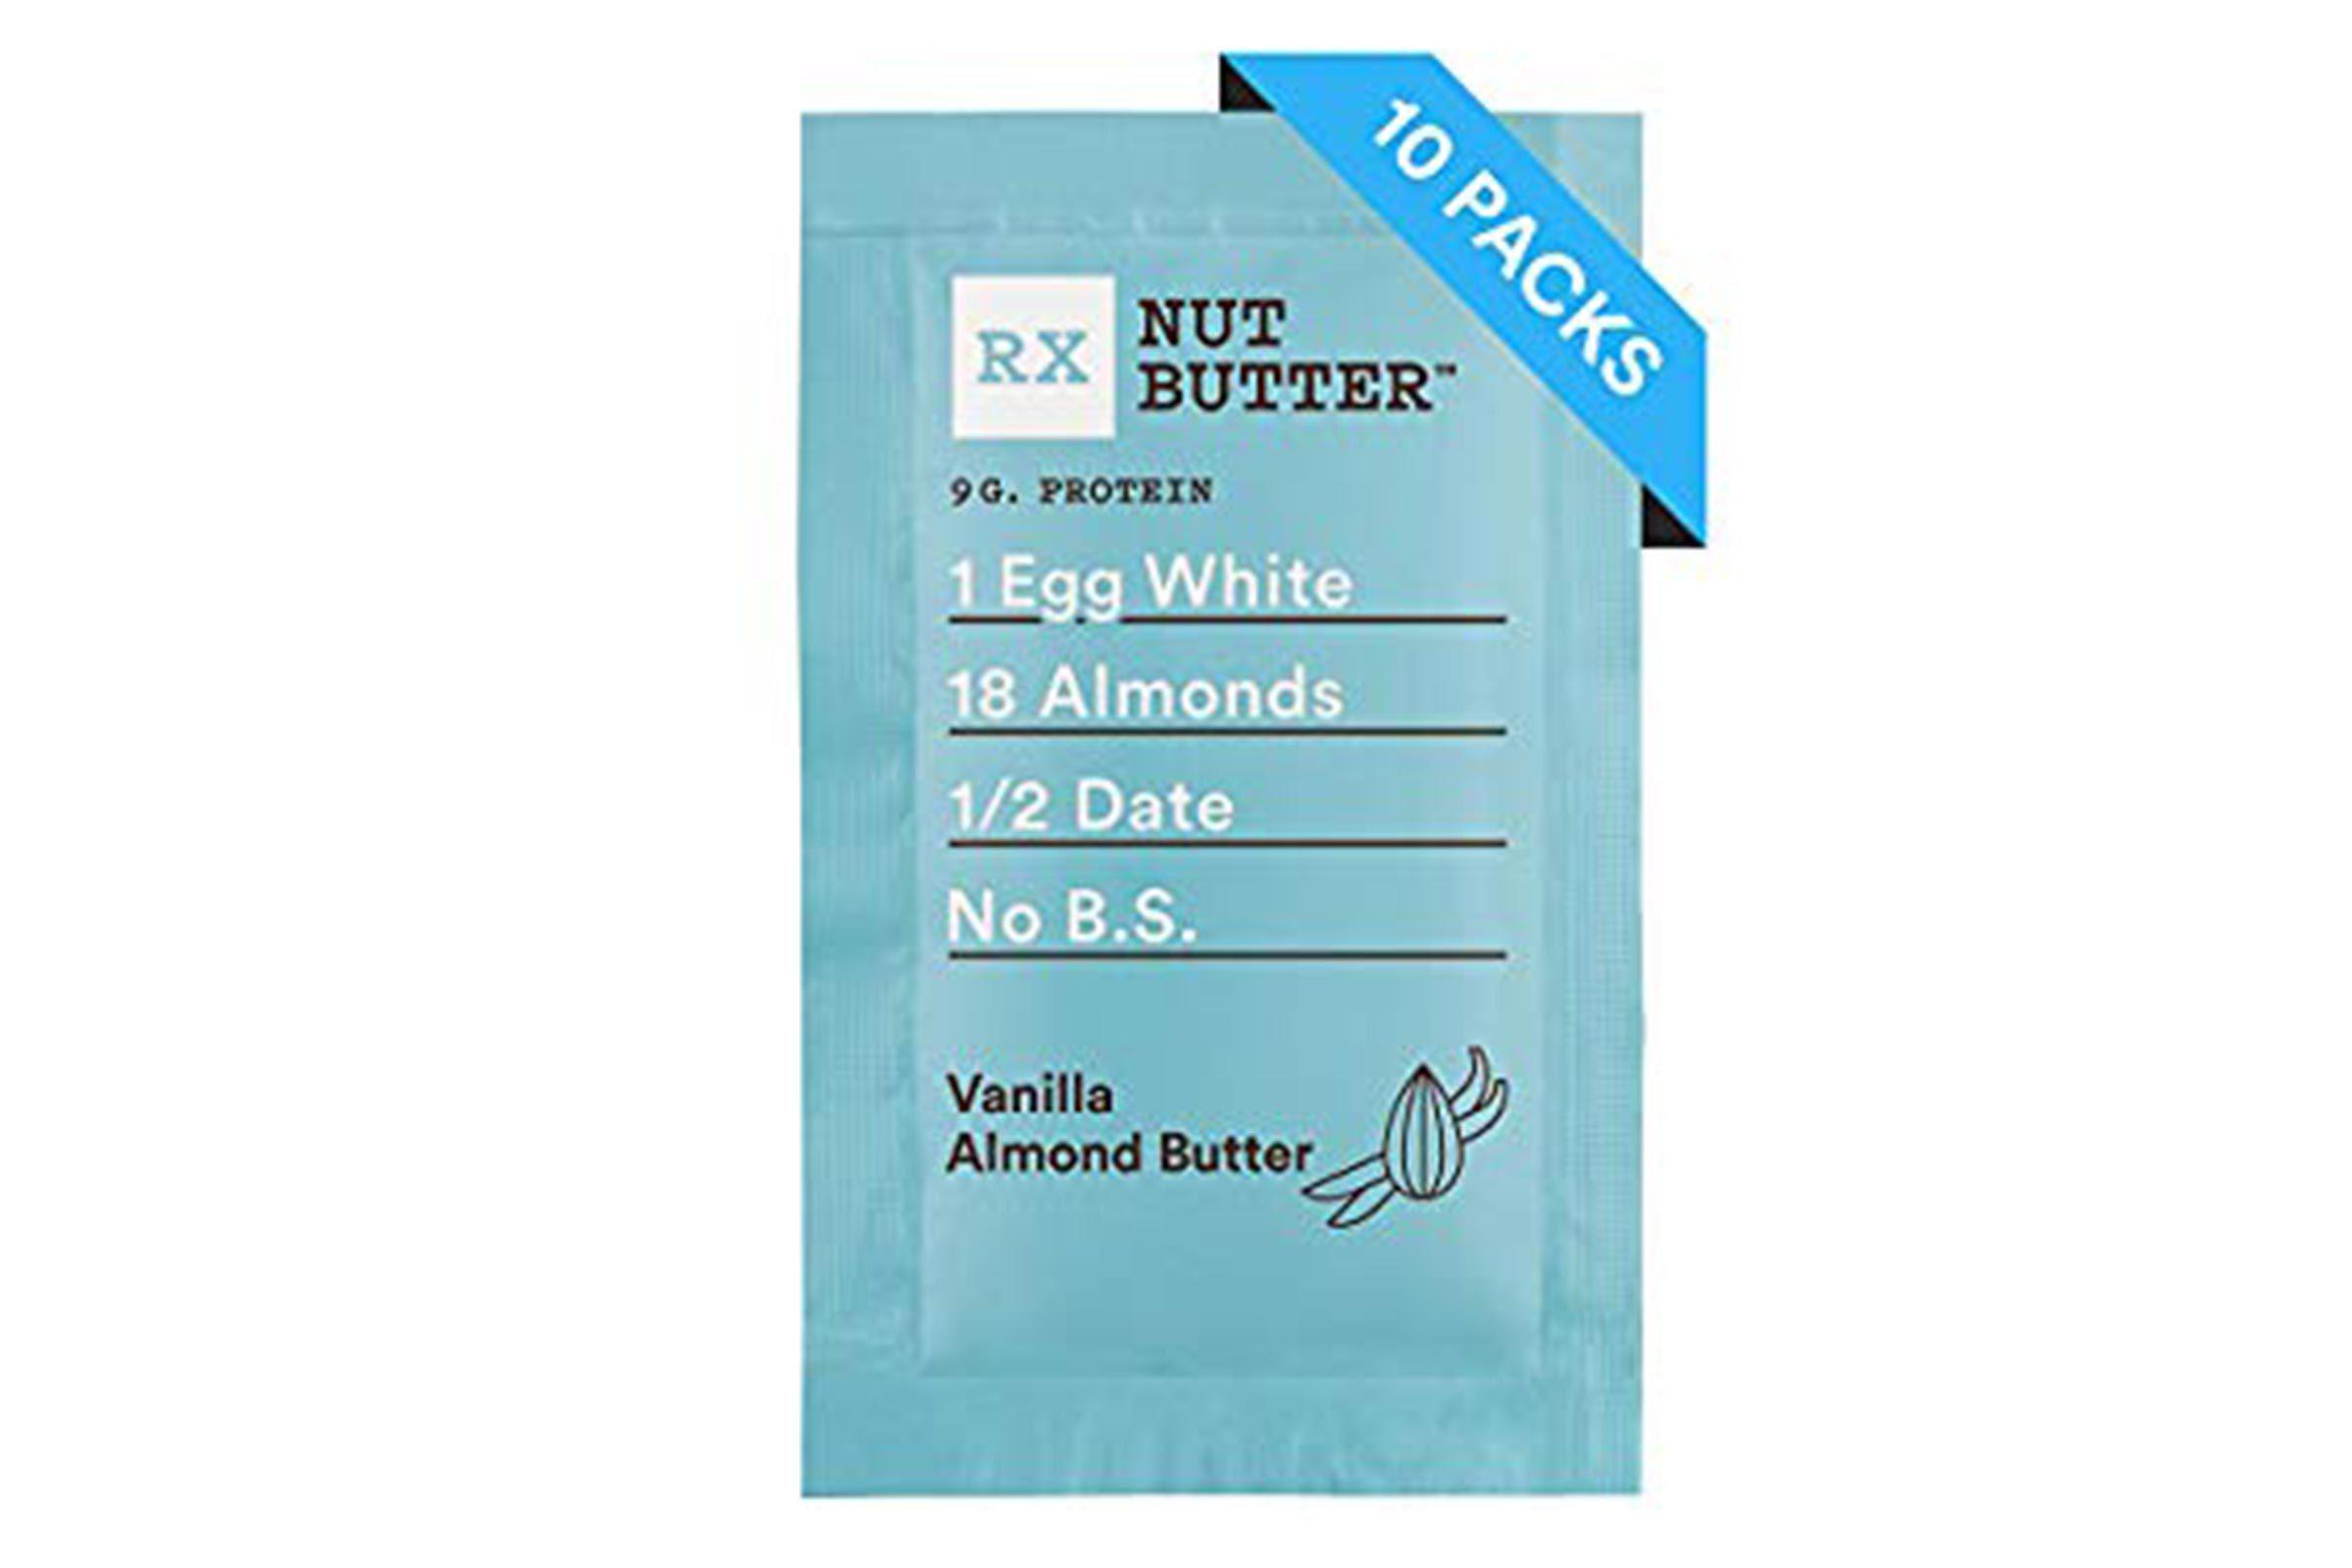 12_Nut-butter